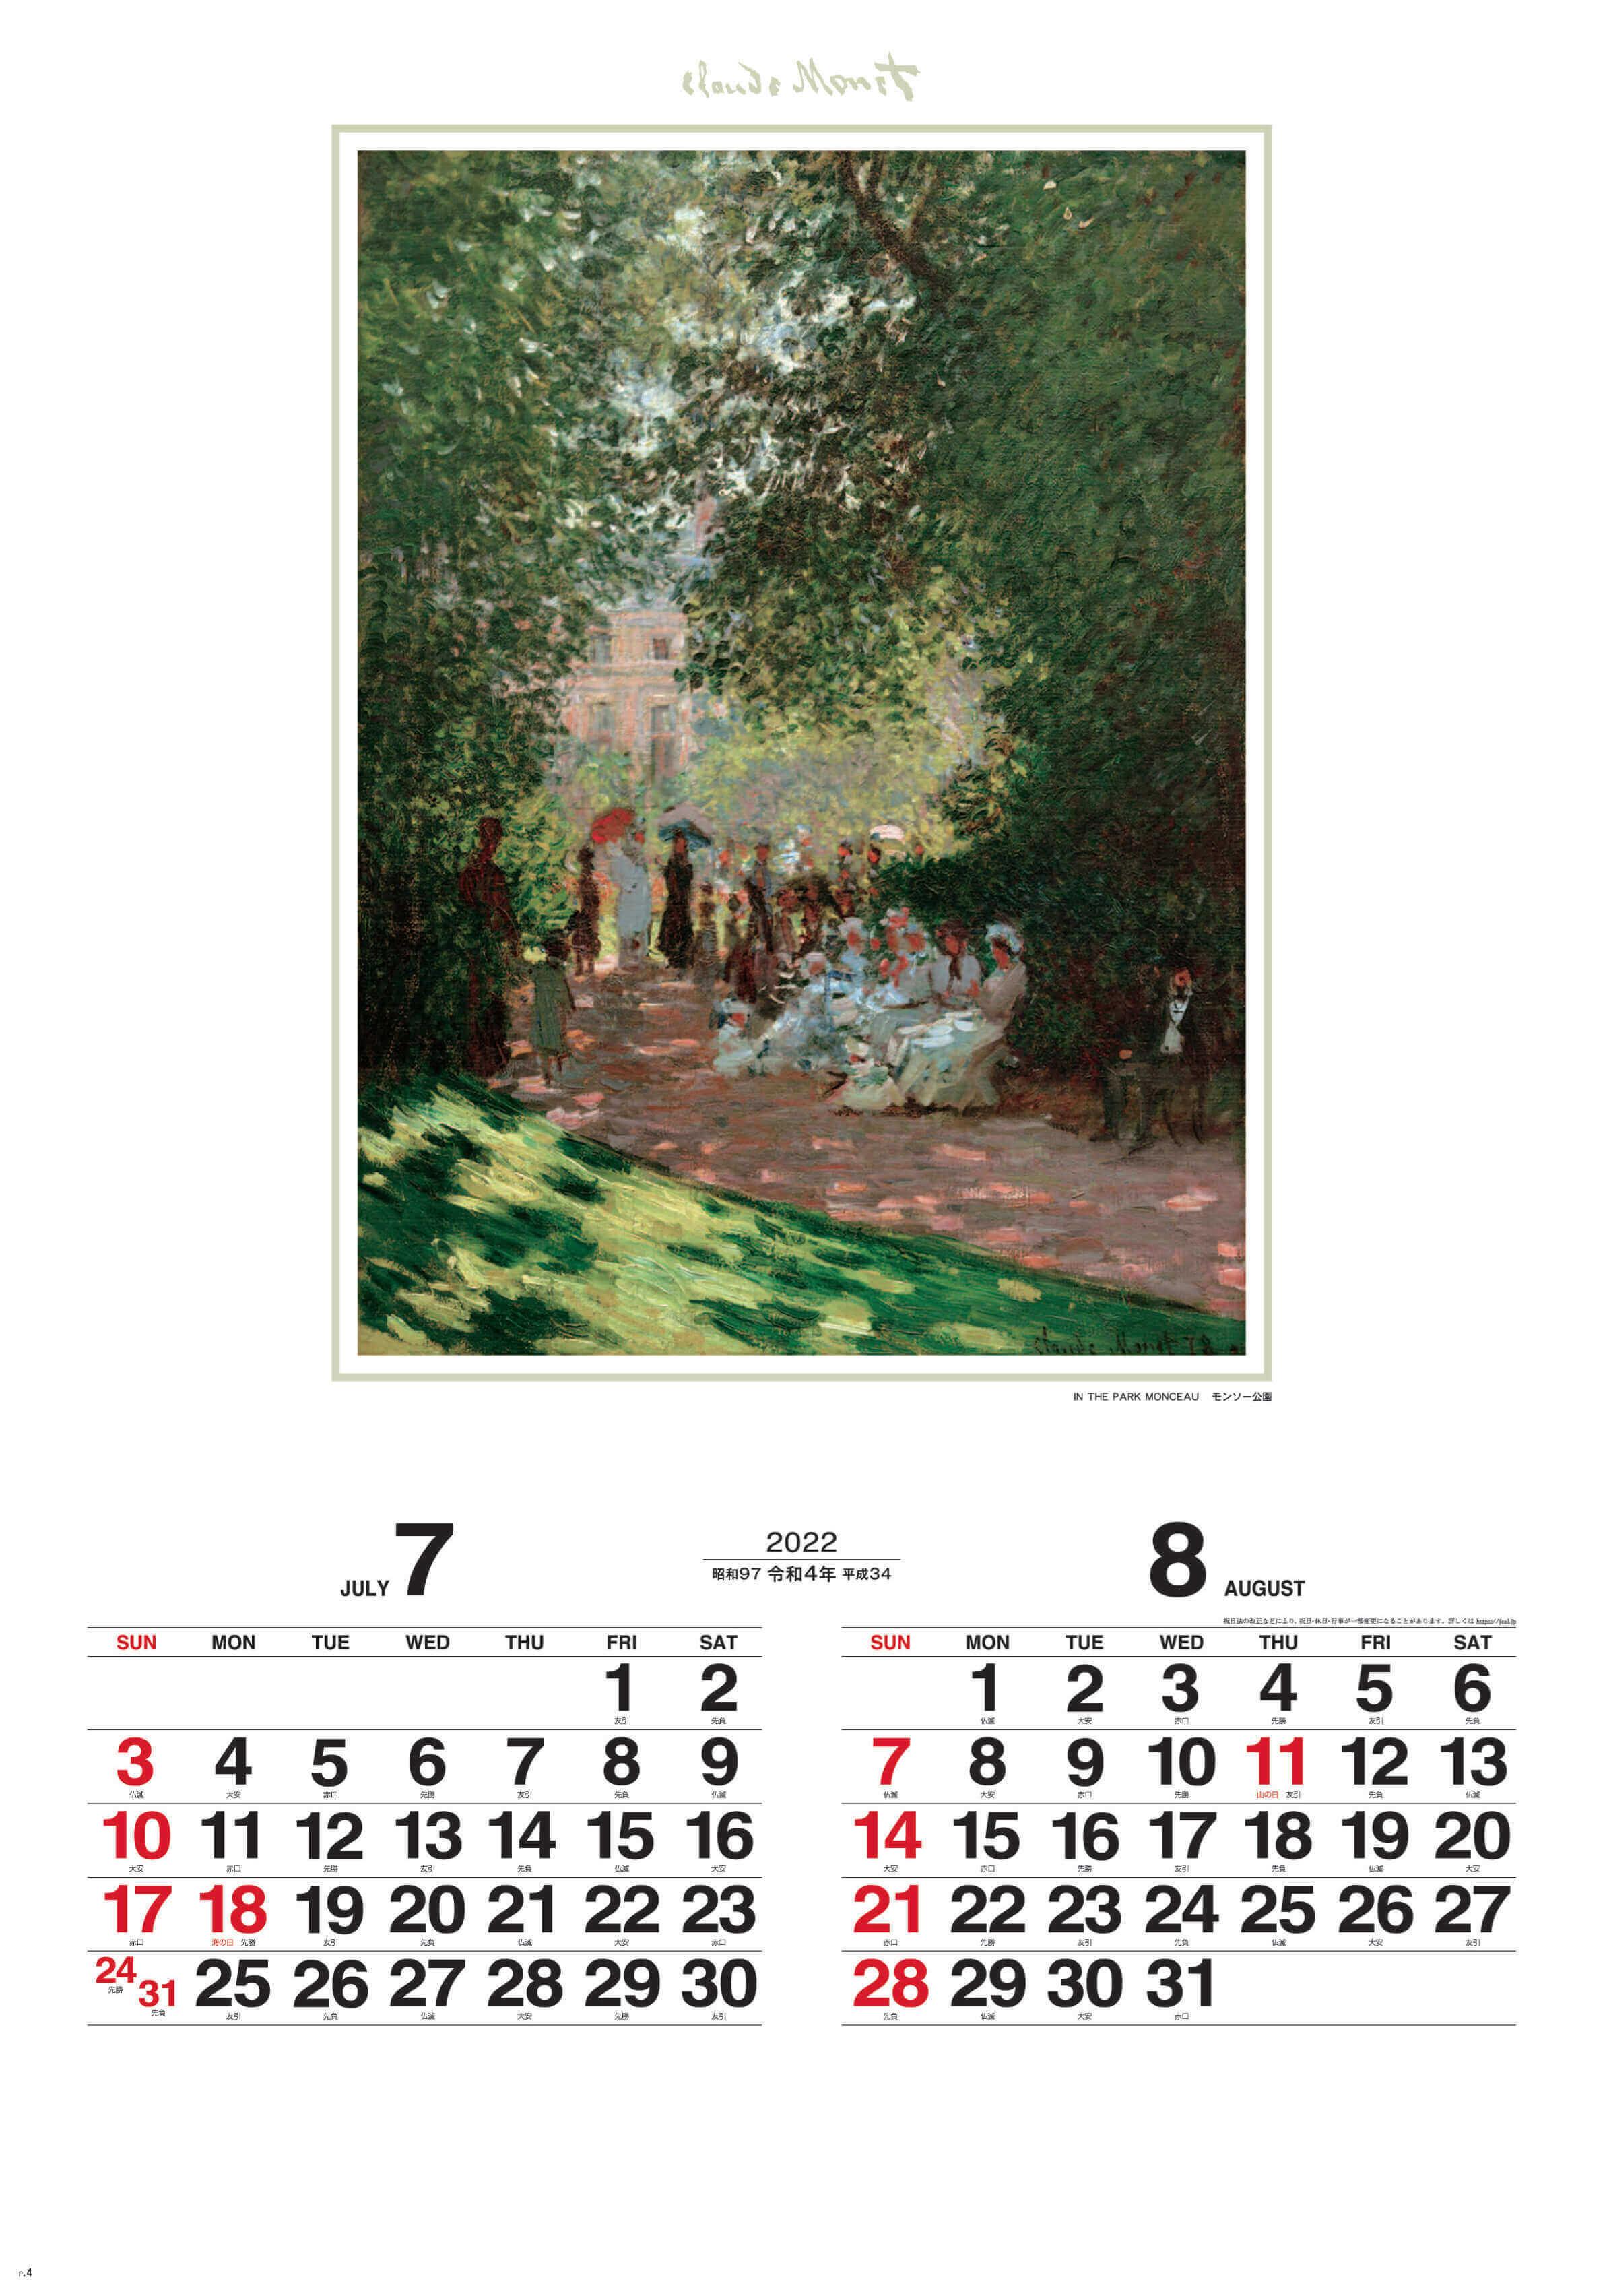 7-8月 モンソー公園 モネ絵画集(フィルムカレンダー) 2022年カレンダーの画像